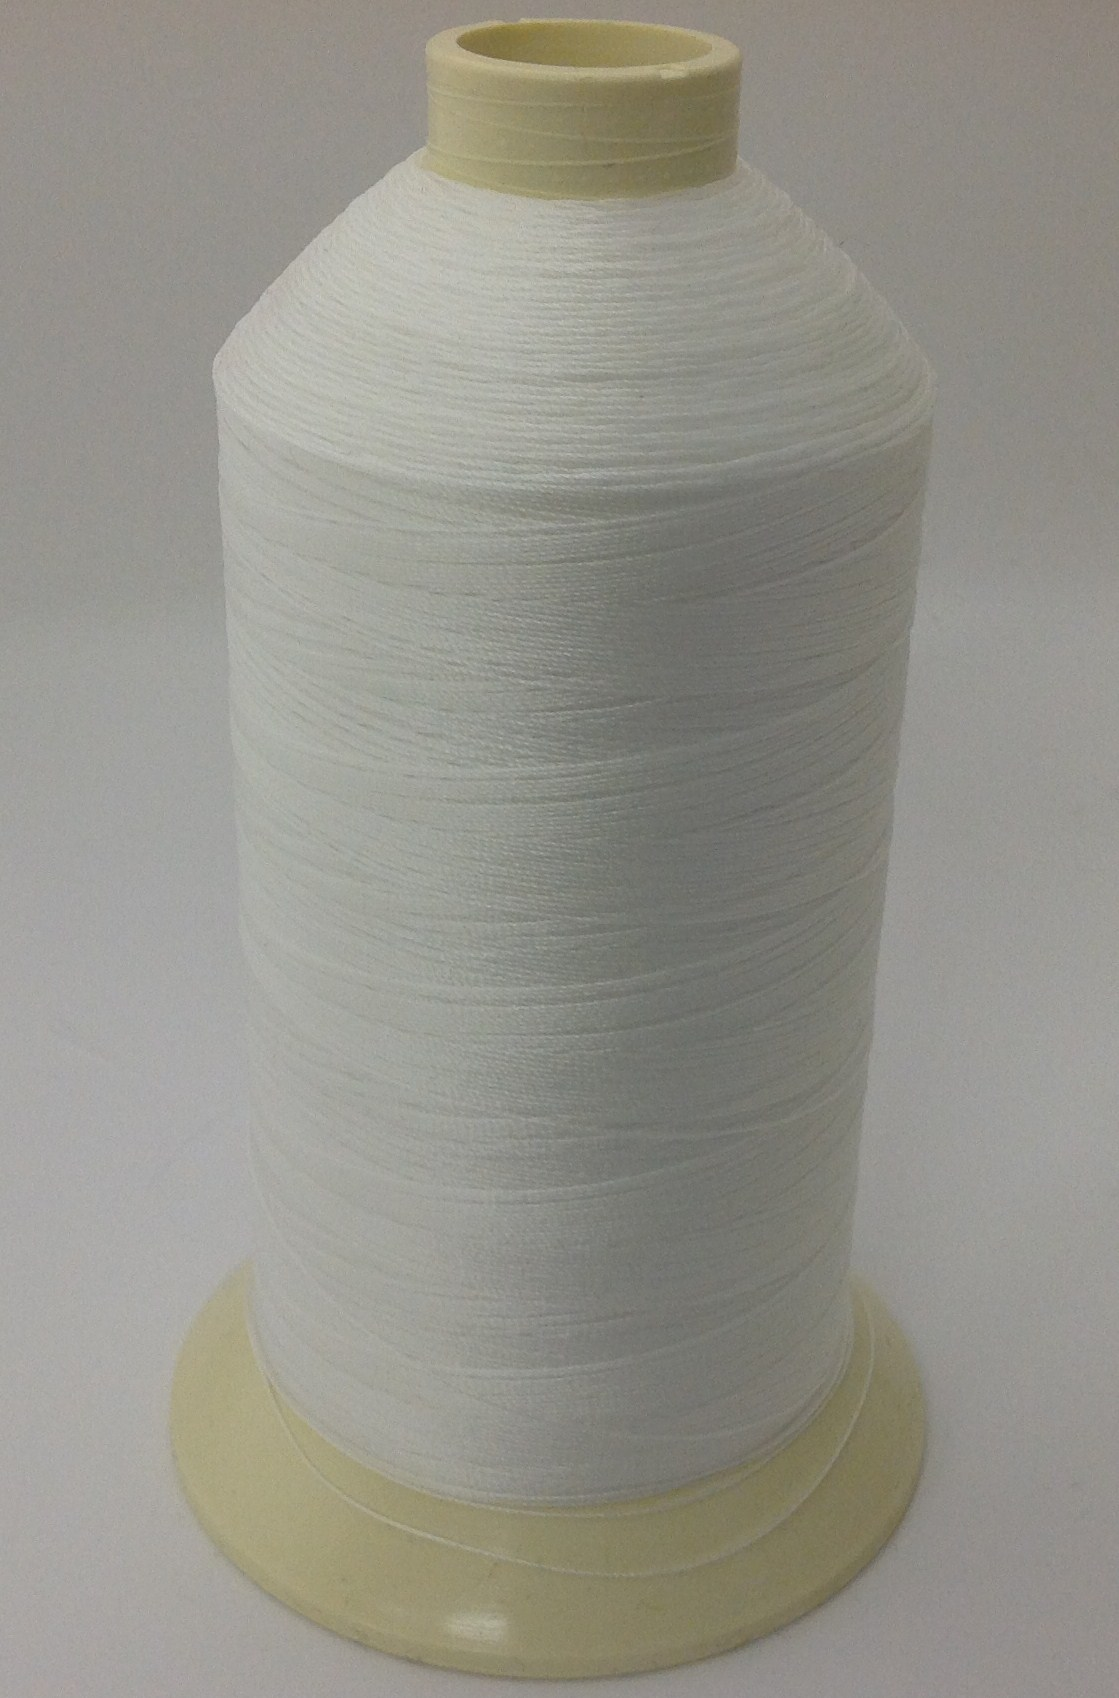 White 138 Polyester Thread